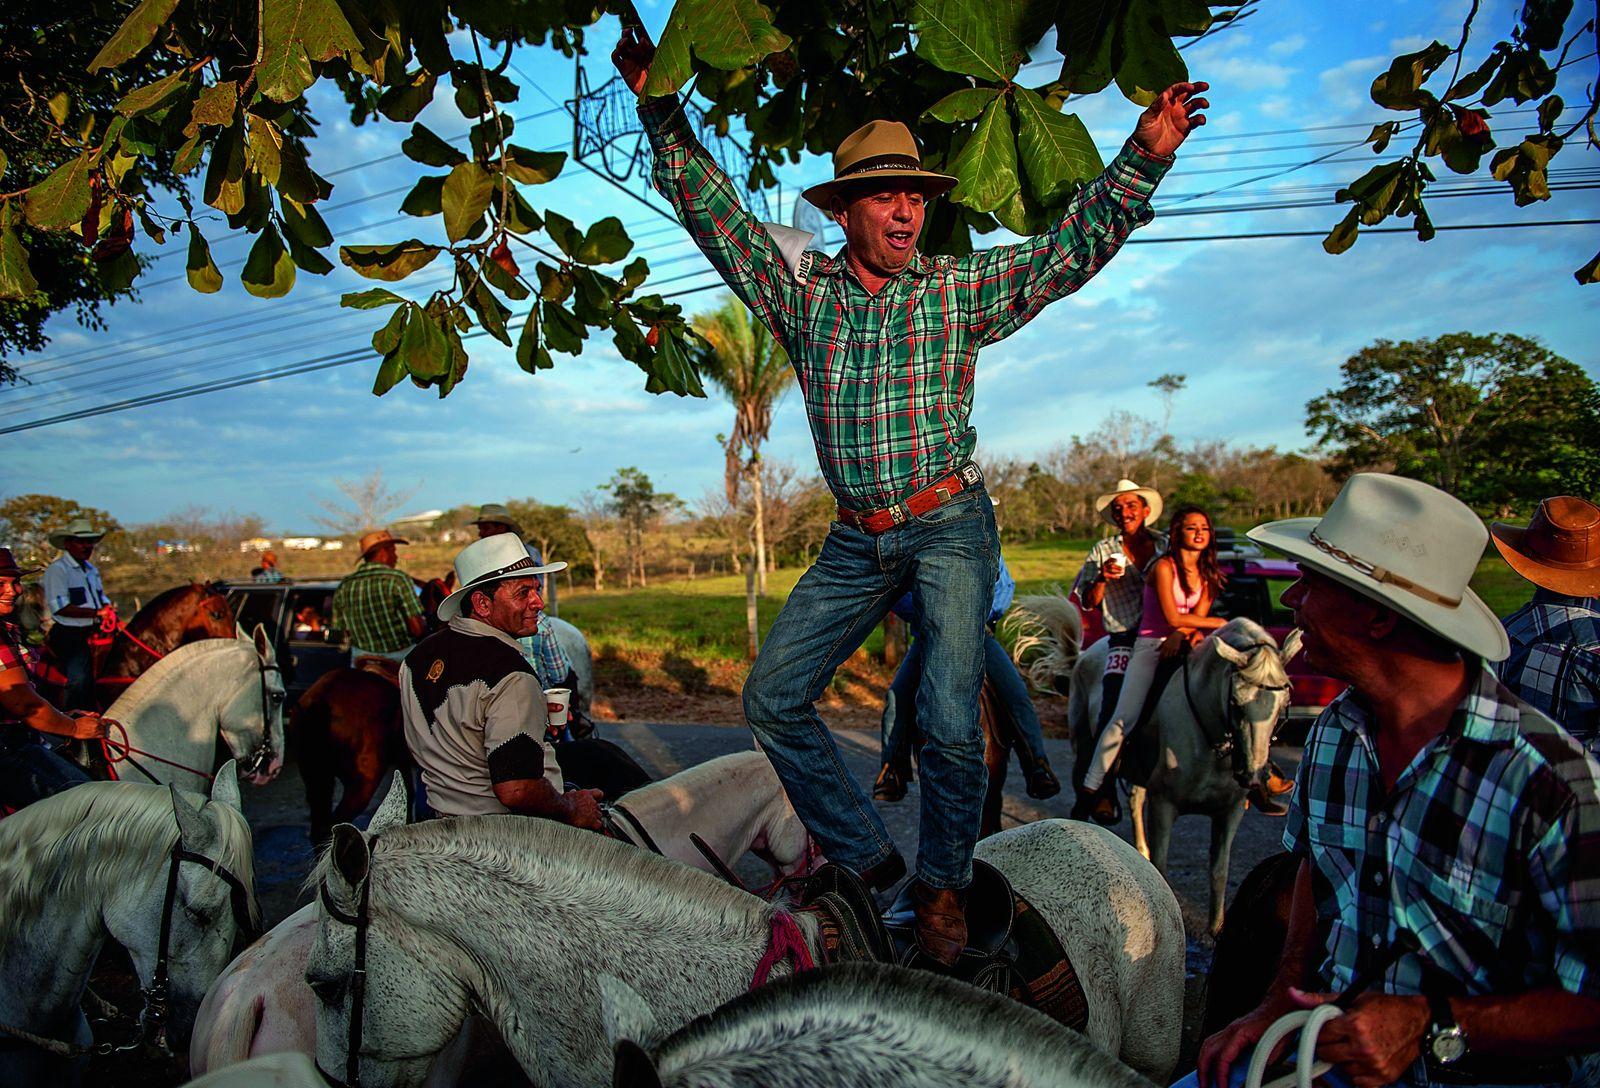 Tous les ans, à la mi-février, le district de Cóbano célèbre les sabaneros, les cow-boys du ...